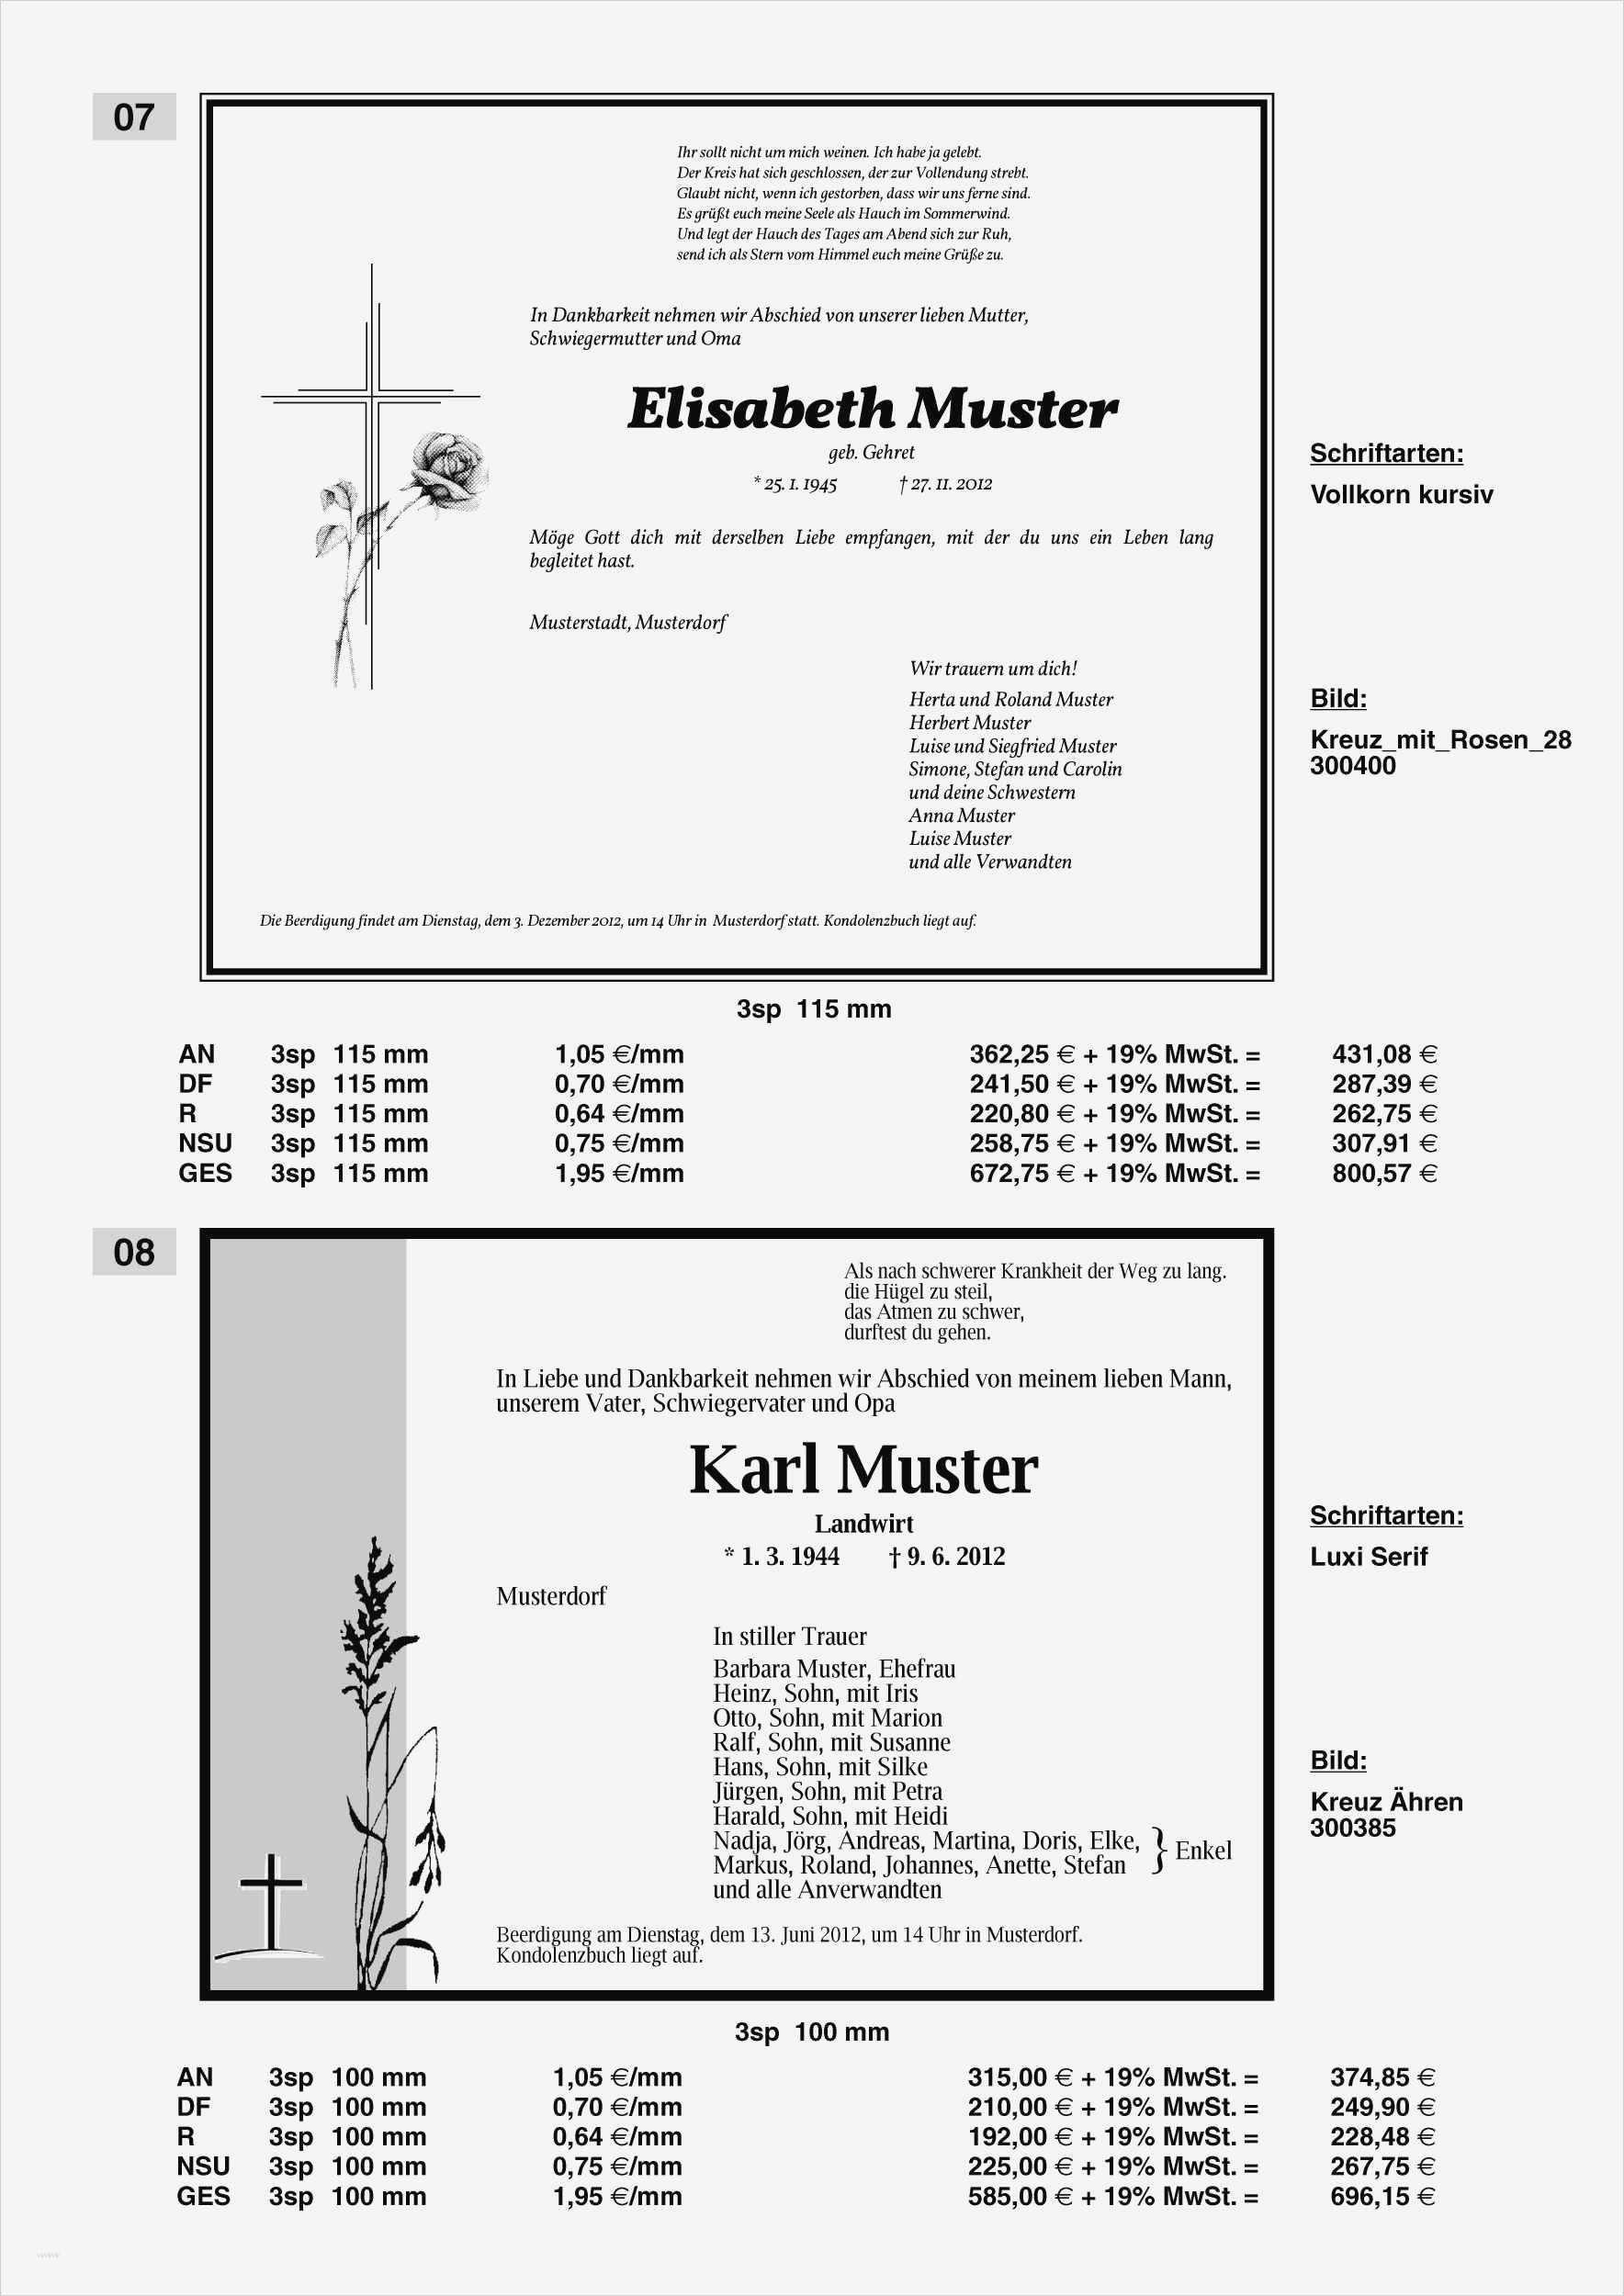 Neu Lebenslauf Trauerrede Muster Briefprobe Briefformat Briefvorlage Trauerrede Briefvorlagen Lebenslauf